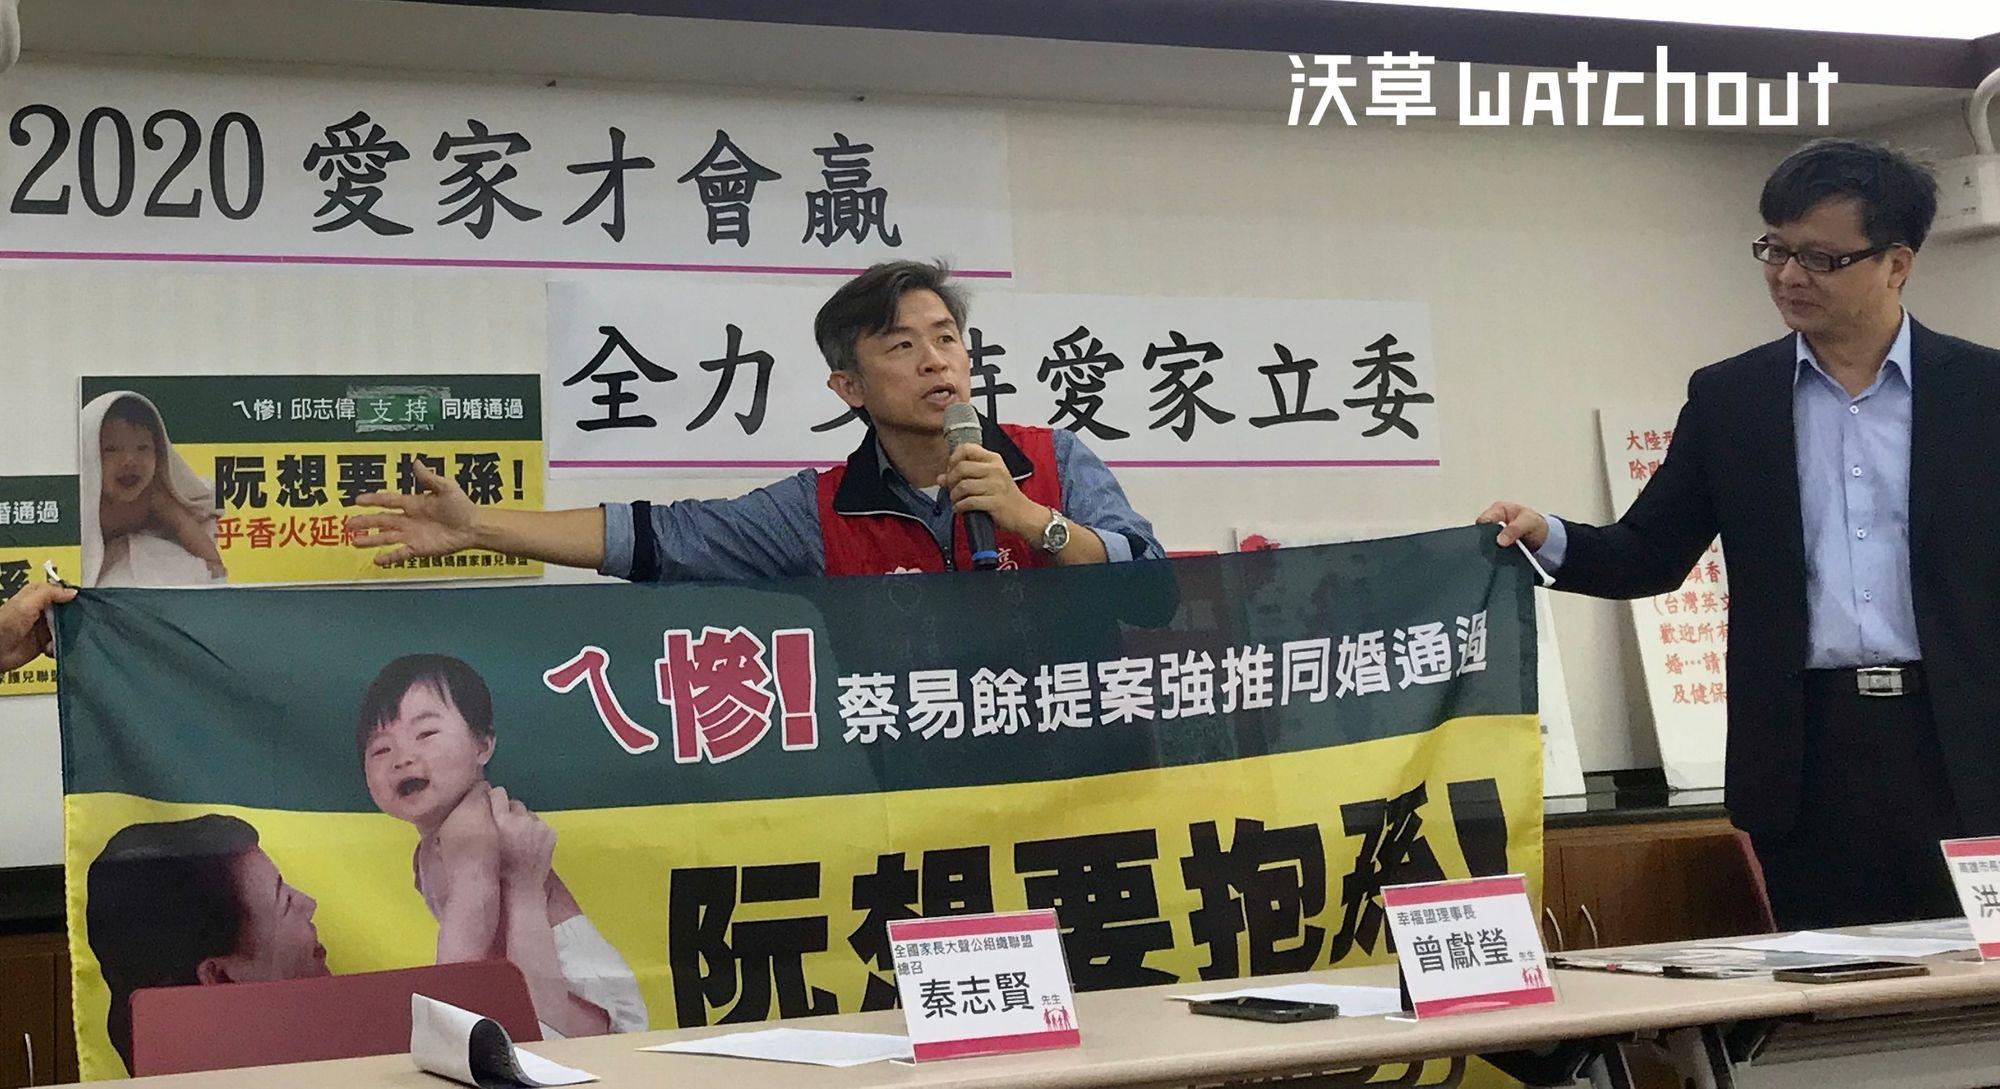 反同團體複製 1124 公投「愛家小卡」陸戰模式:「阮想要抱孫」布條攻擊挺同立委/沃草國會無雙